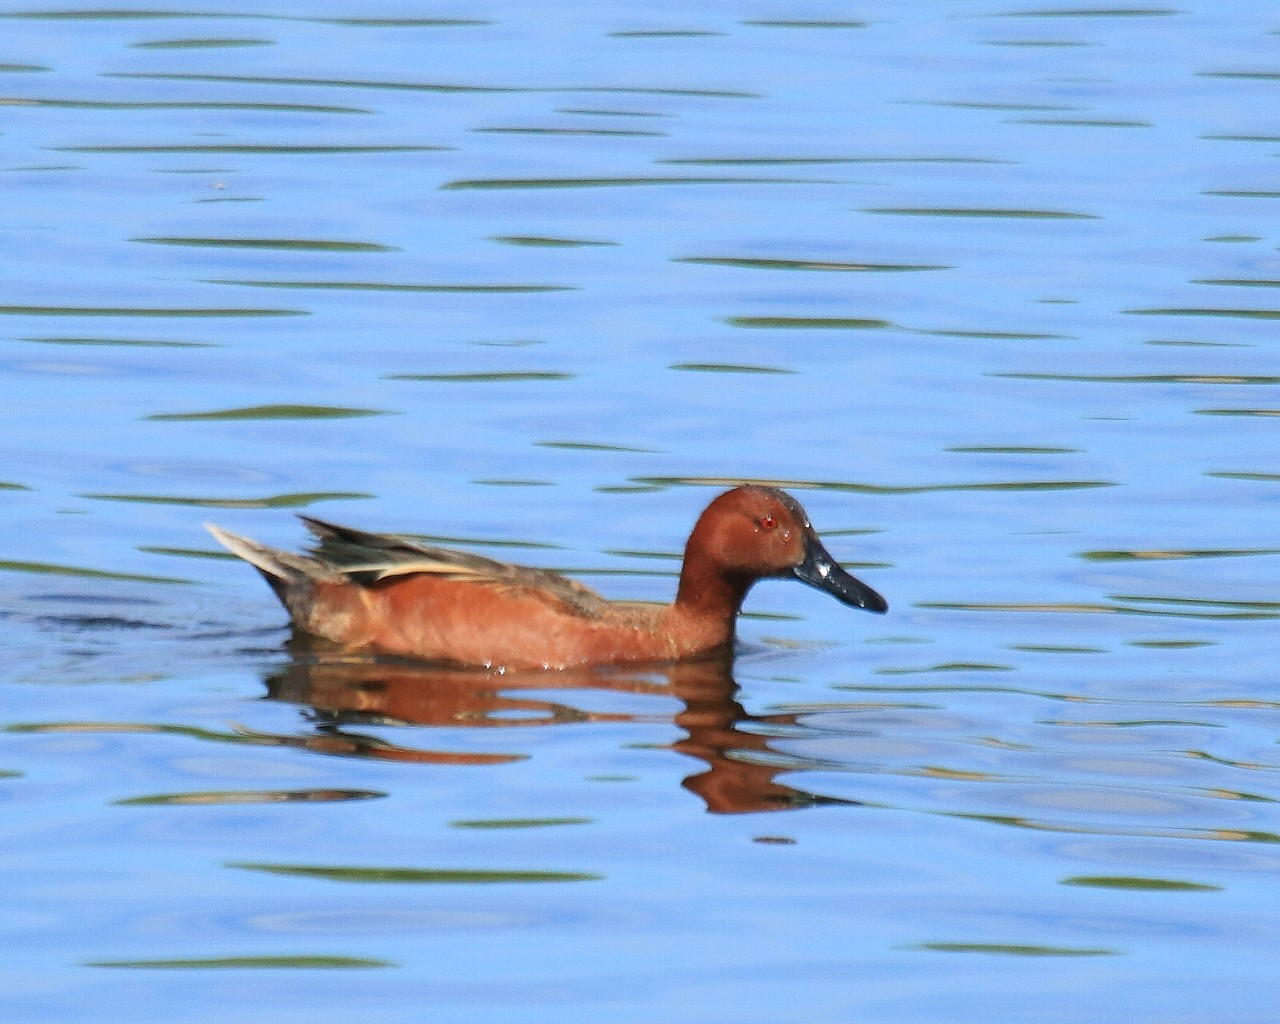 ネヴァダ州の鳥その5: これも2回目で写真が撮れた!_f0105570_22412419.jpg